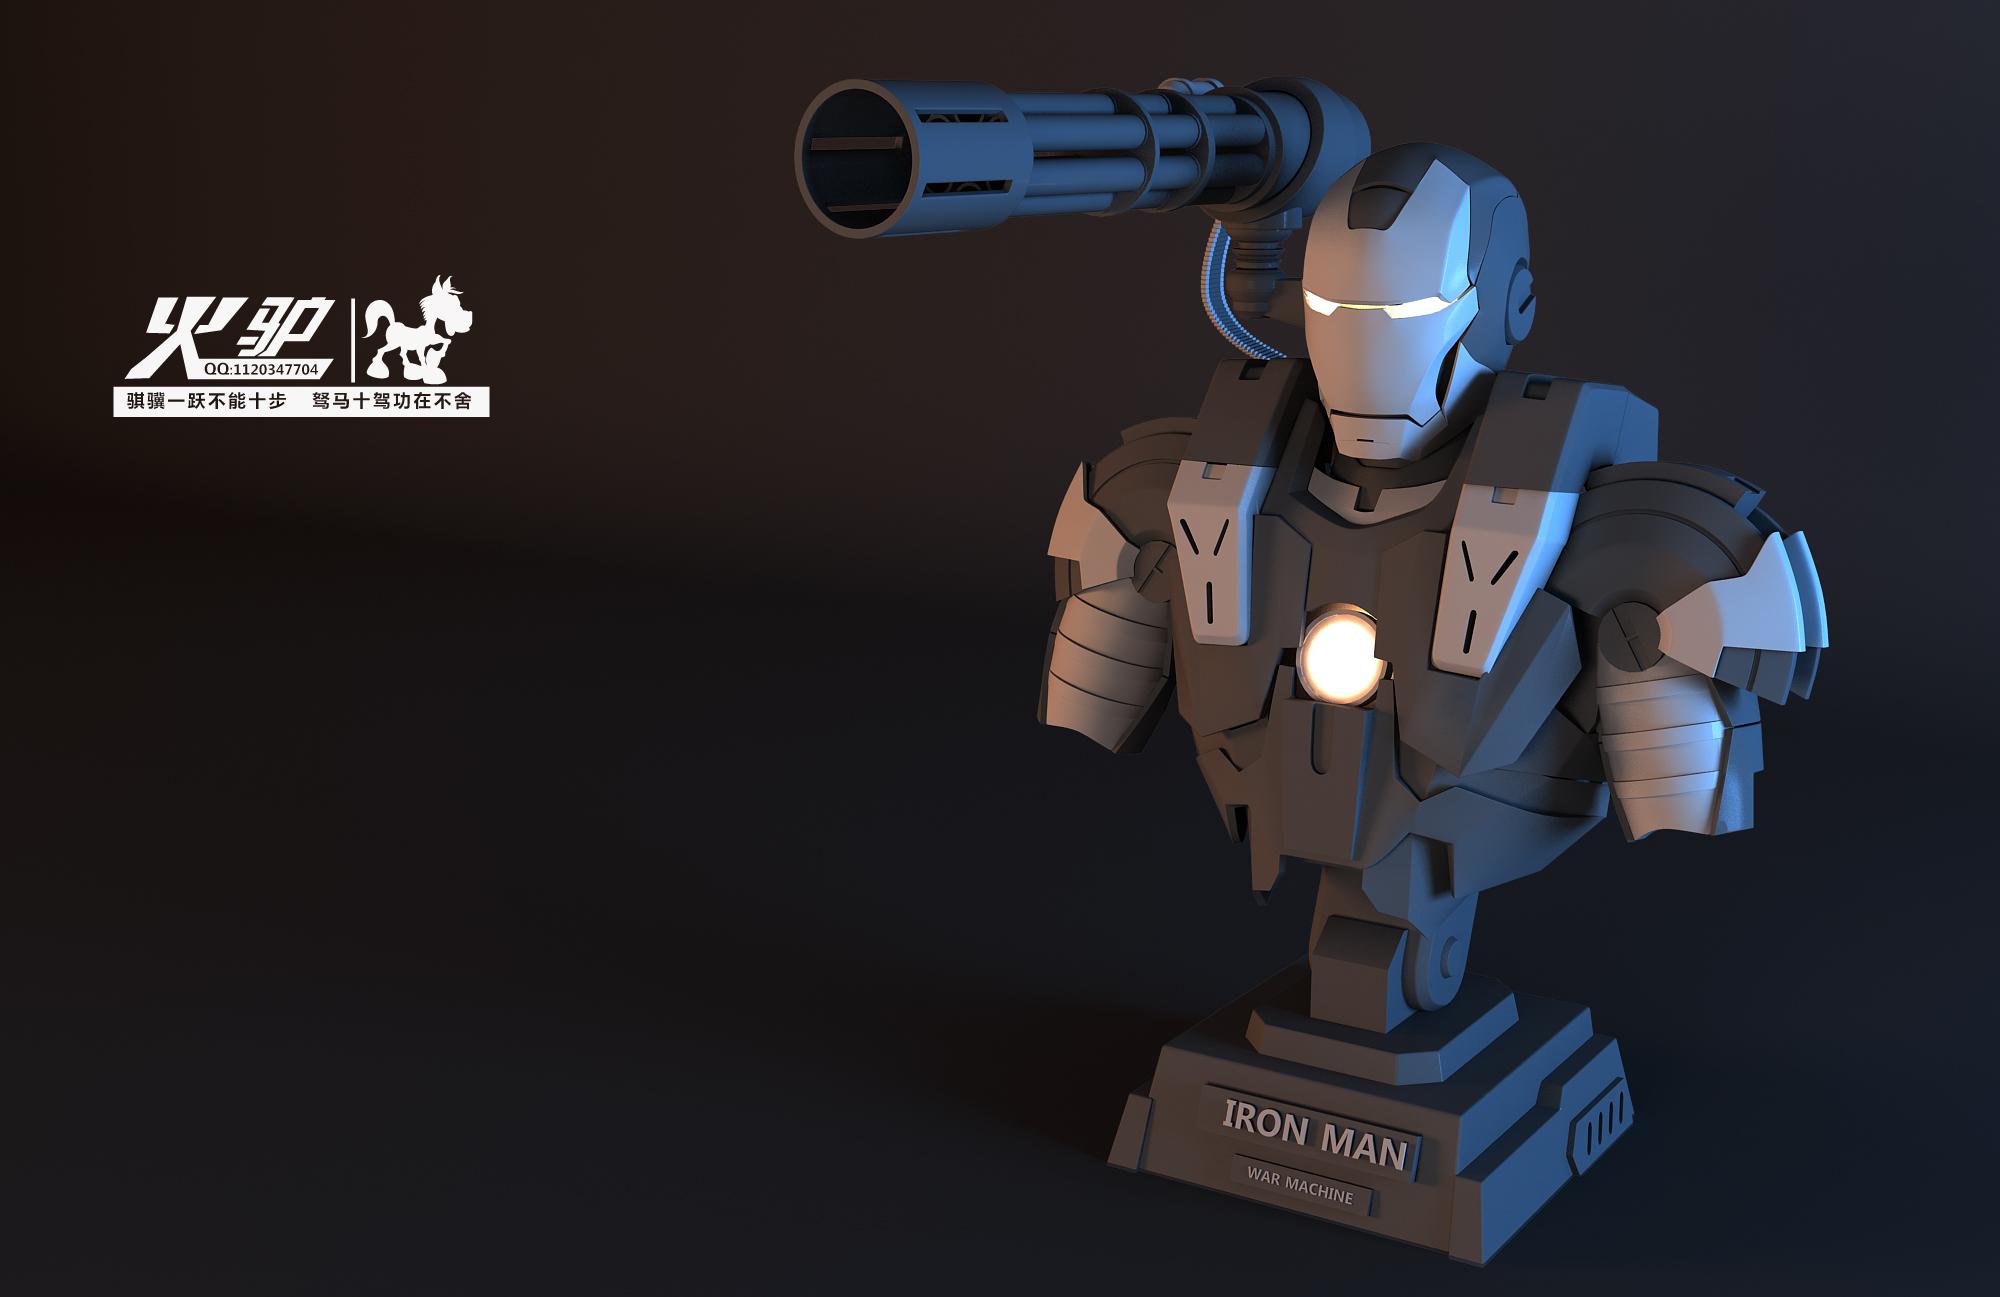 钢铁侠 战争机器